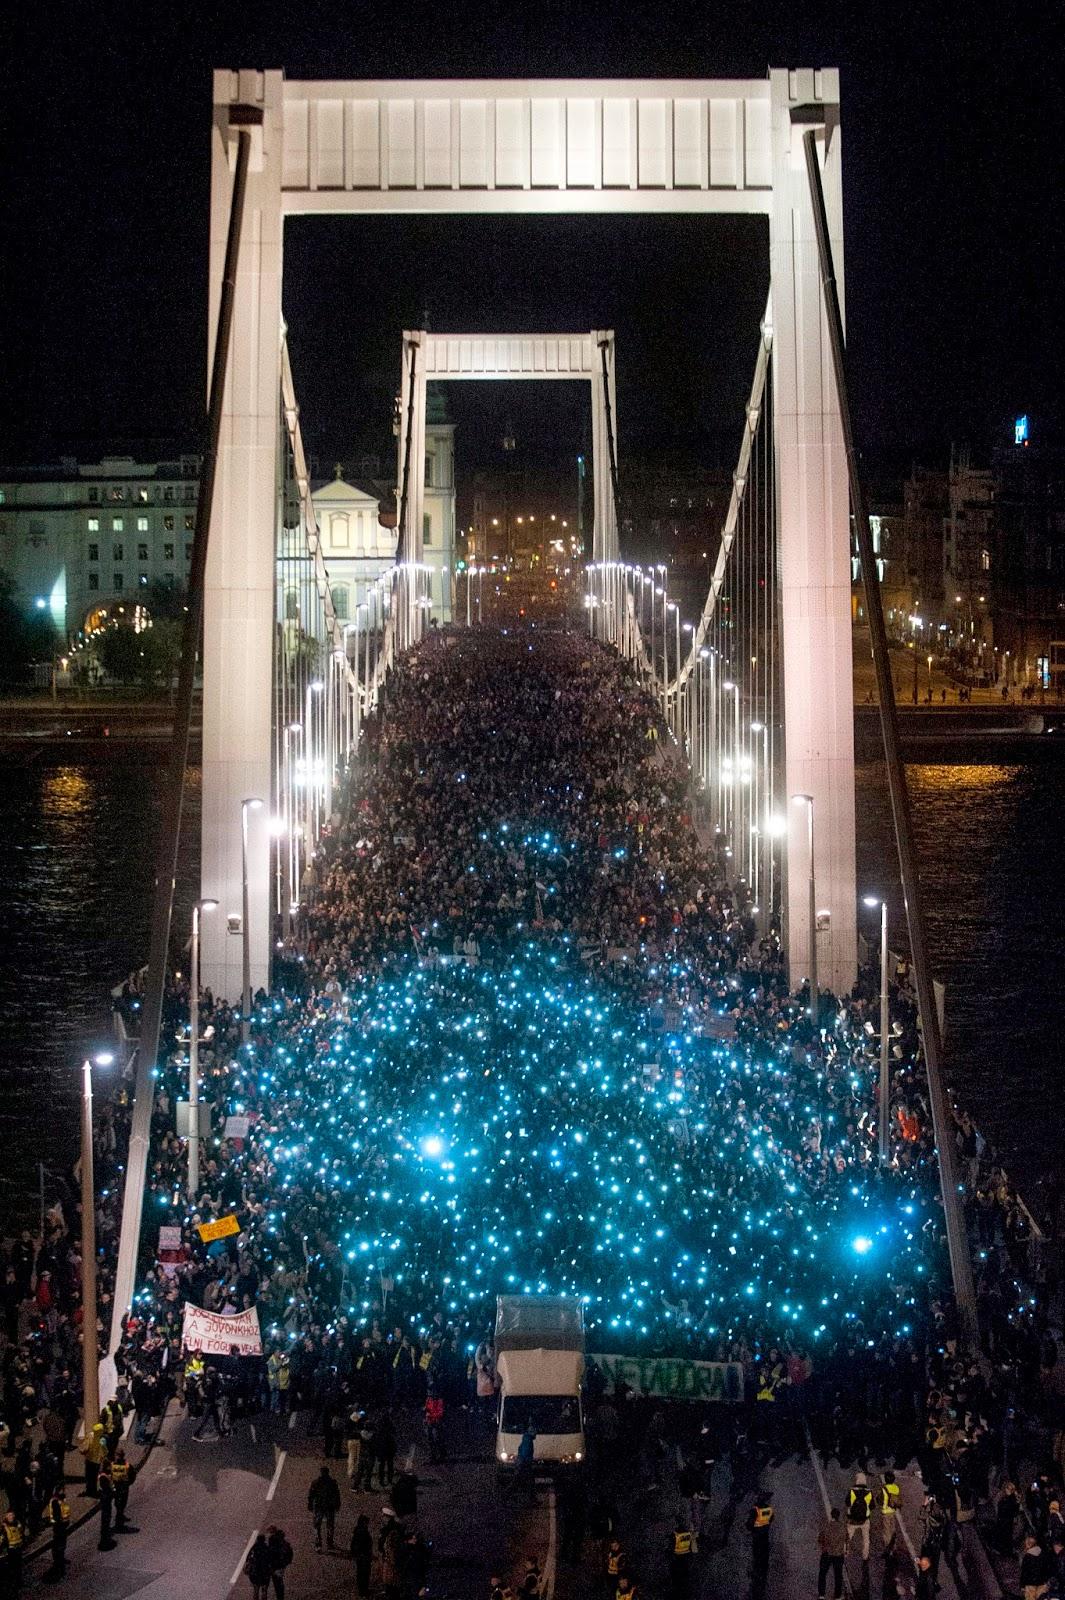 adócsomag, Fidesz, internetadó, Magyarország, Orbán-kormány, Gulyás Balázs, tüntetés